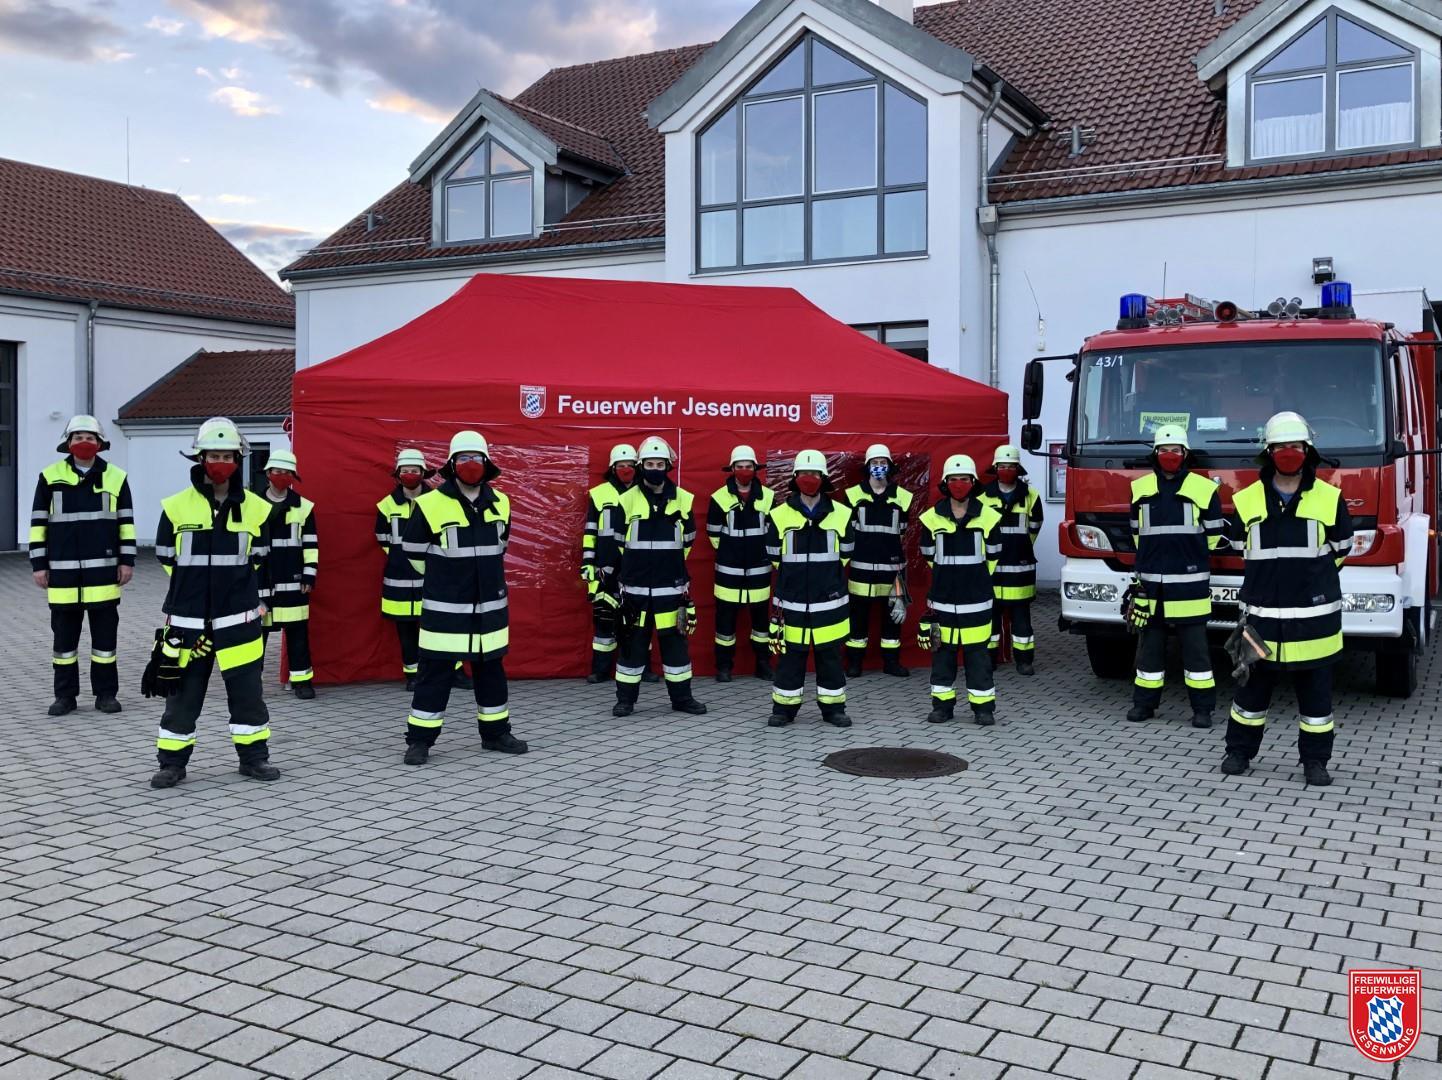 Mannschaft der Freiwilligen Feuerwehr Jesenwang vor dem neuem Einsatzzelt